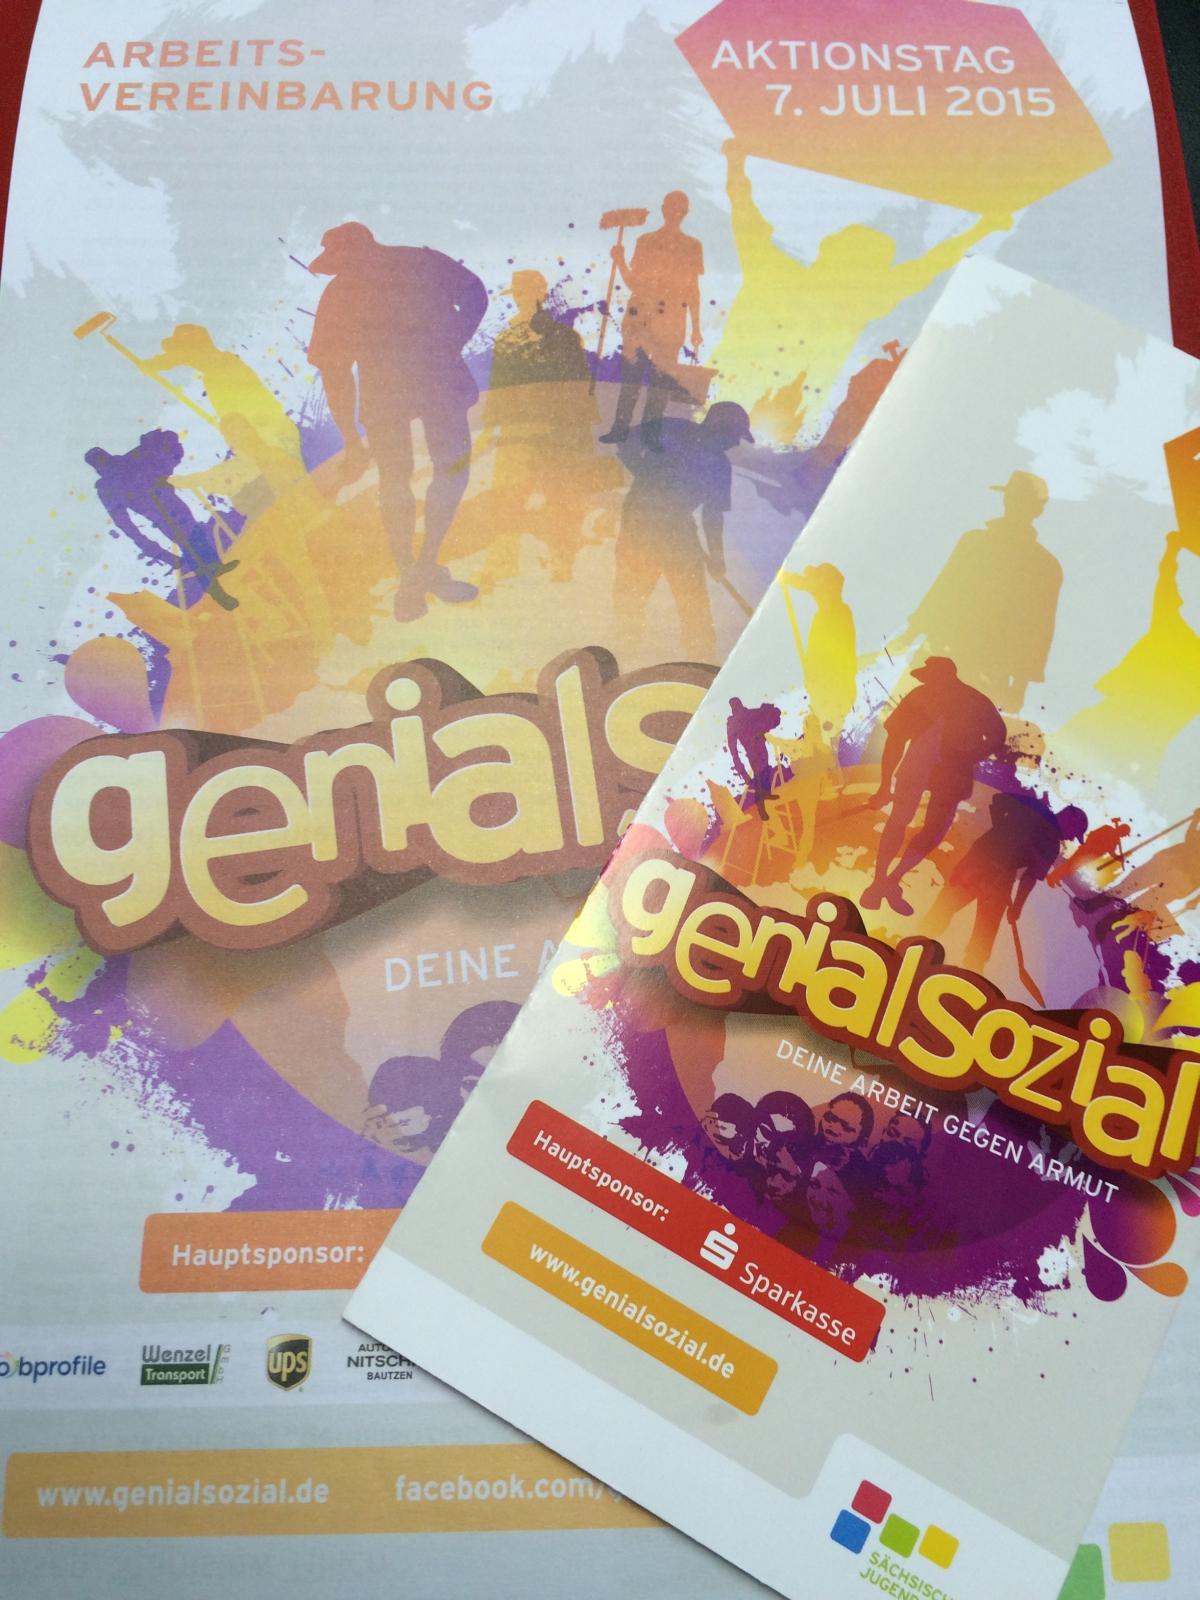 dergabel_GenialSozial2015